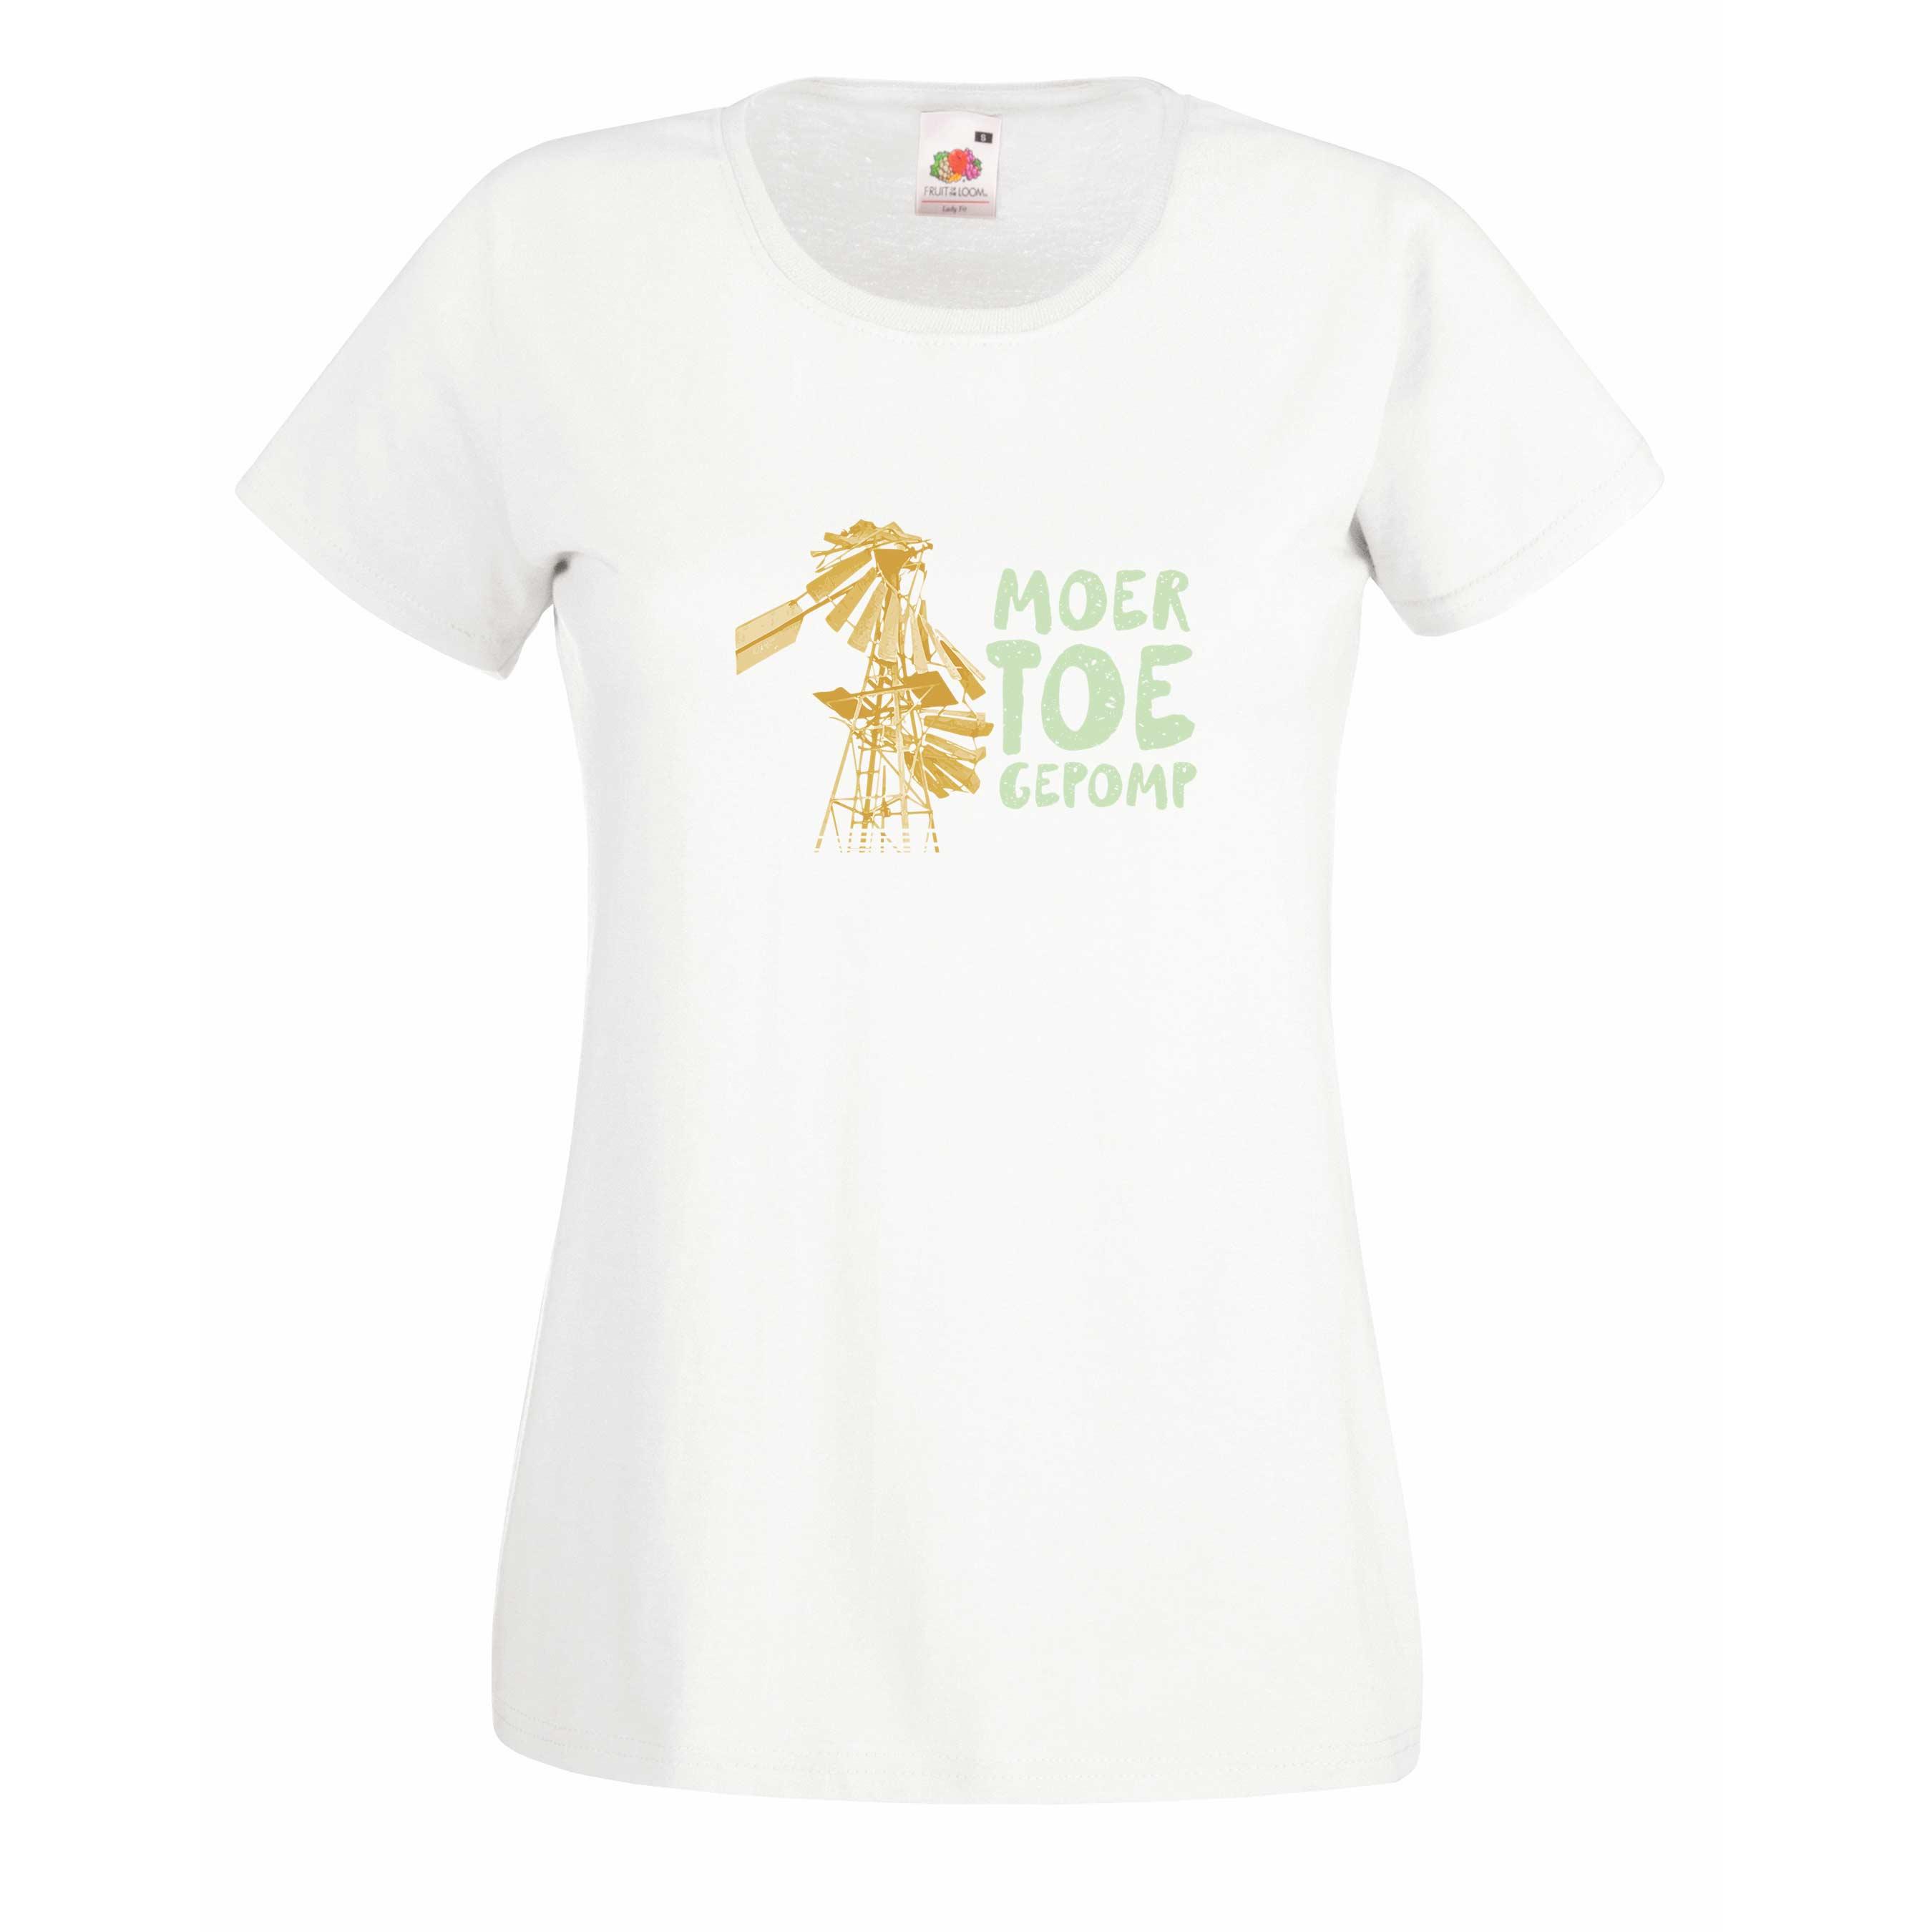 Moer Toe Gepomp design for t-shirt, hoodie & sweatshirt